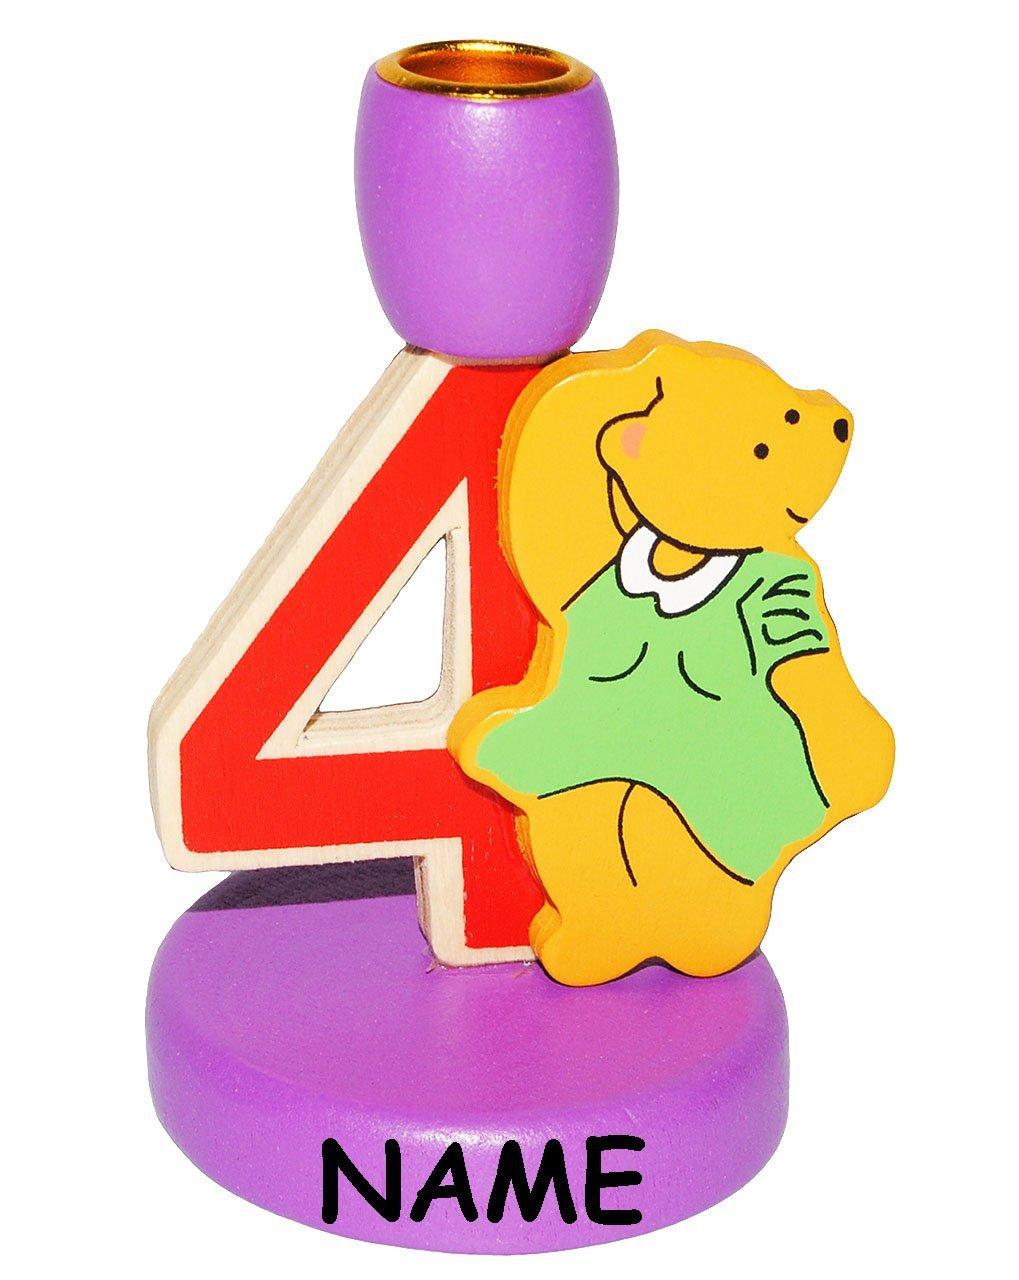 f/ür Kerzen 4 incl aus Holz Geburtstagszahl Unbekannt Kerzenhalter Geburtstag Kinder bunt Zahl 4 Teddy Name Geburt.. Kerzenst/änder zum Aufstellen